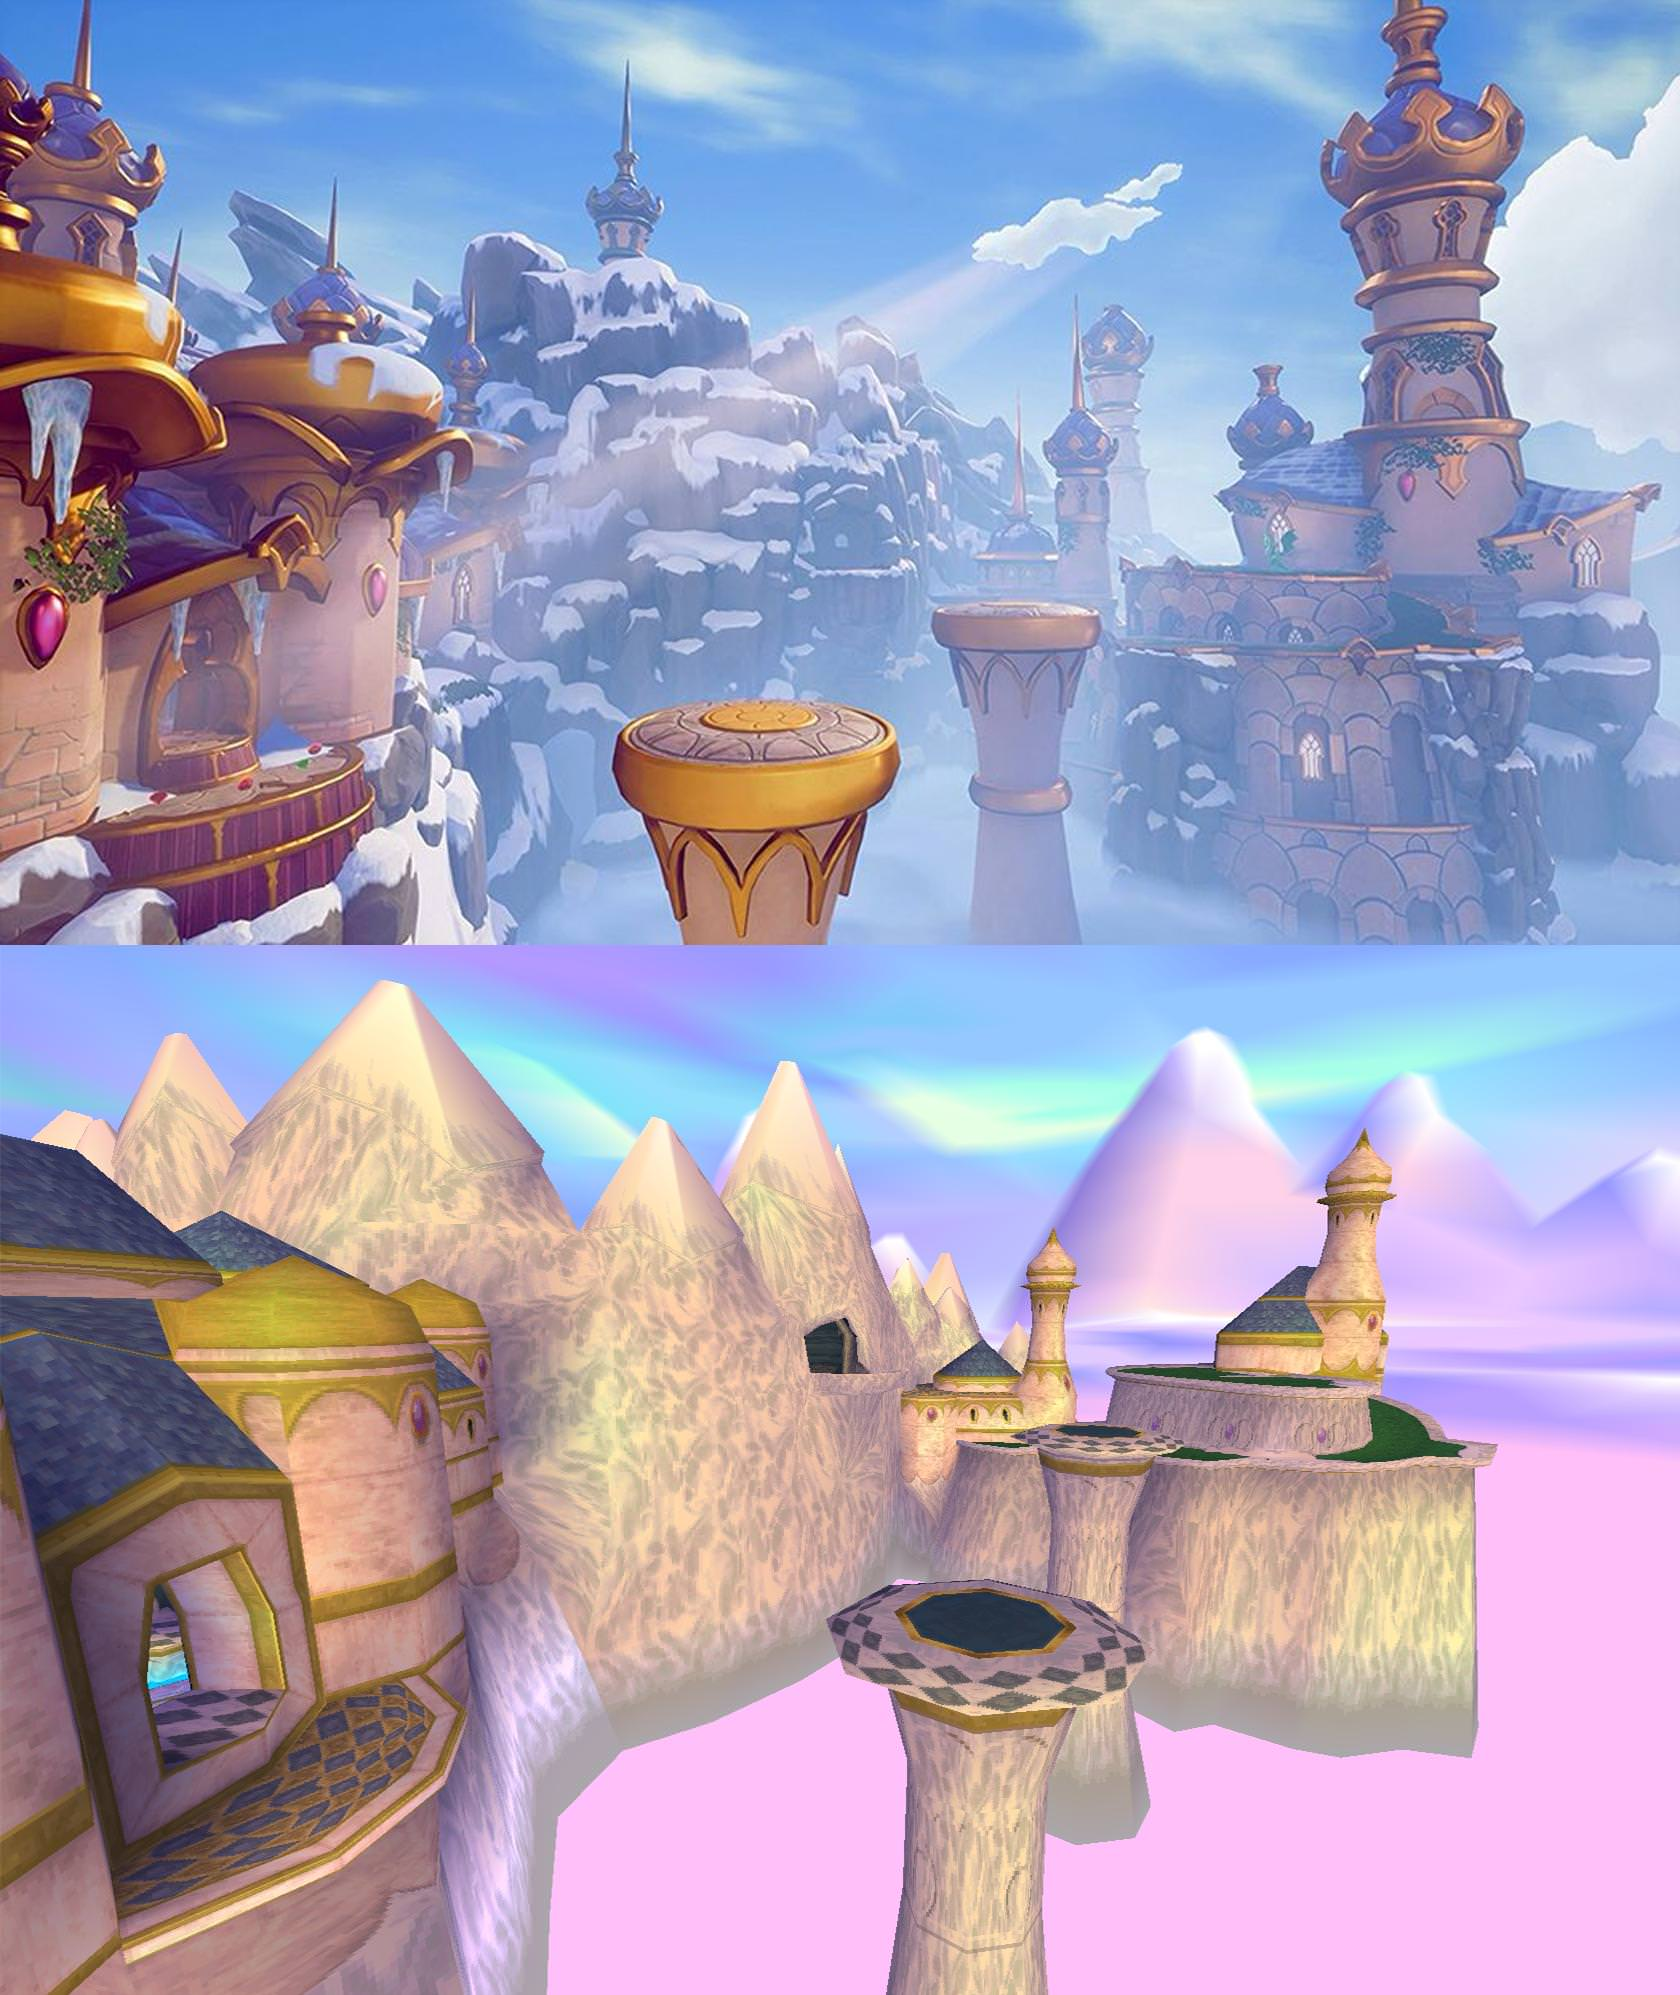 iJl8Ctk - Klasyczna trylogia Spyro the Dragon z czasów PSX powraca!